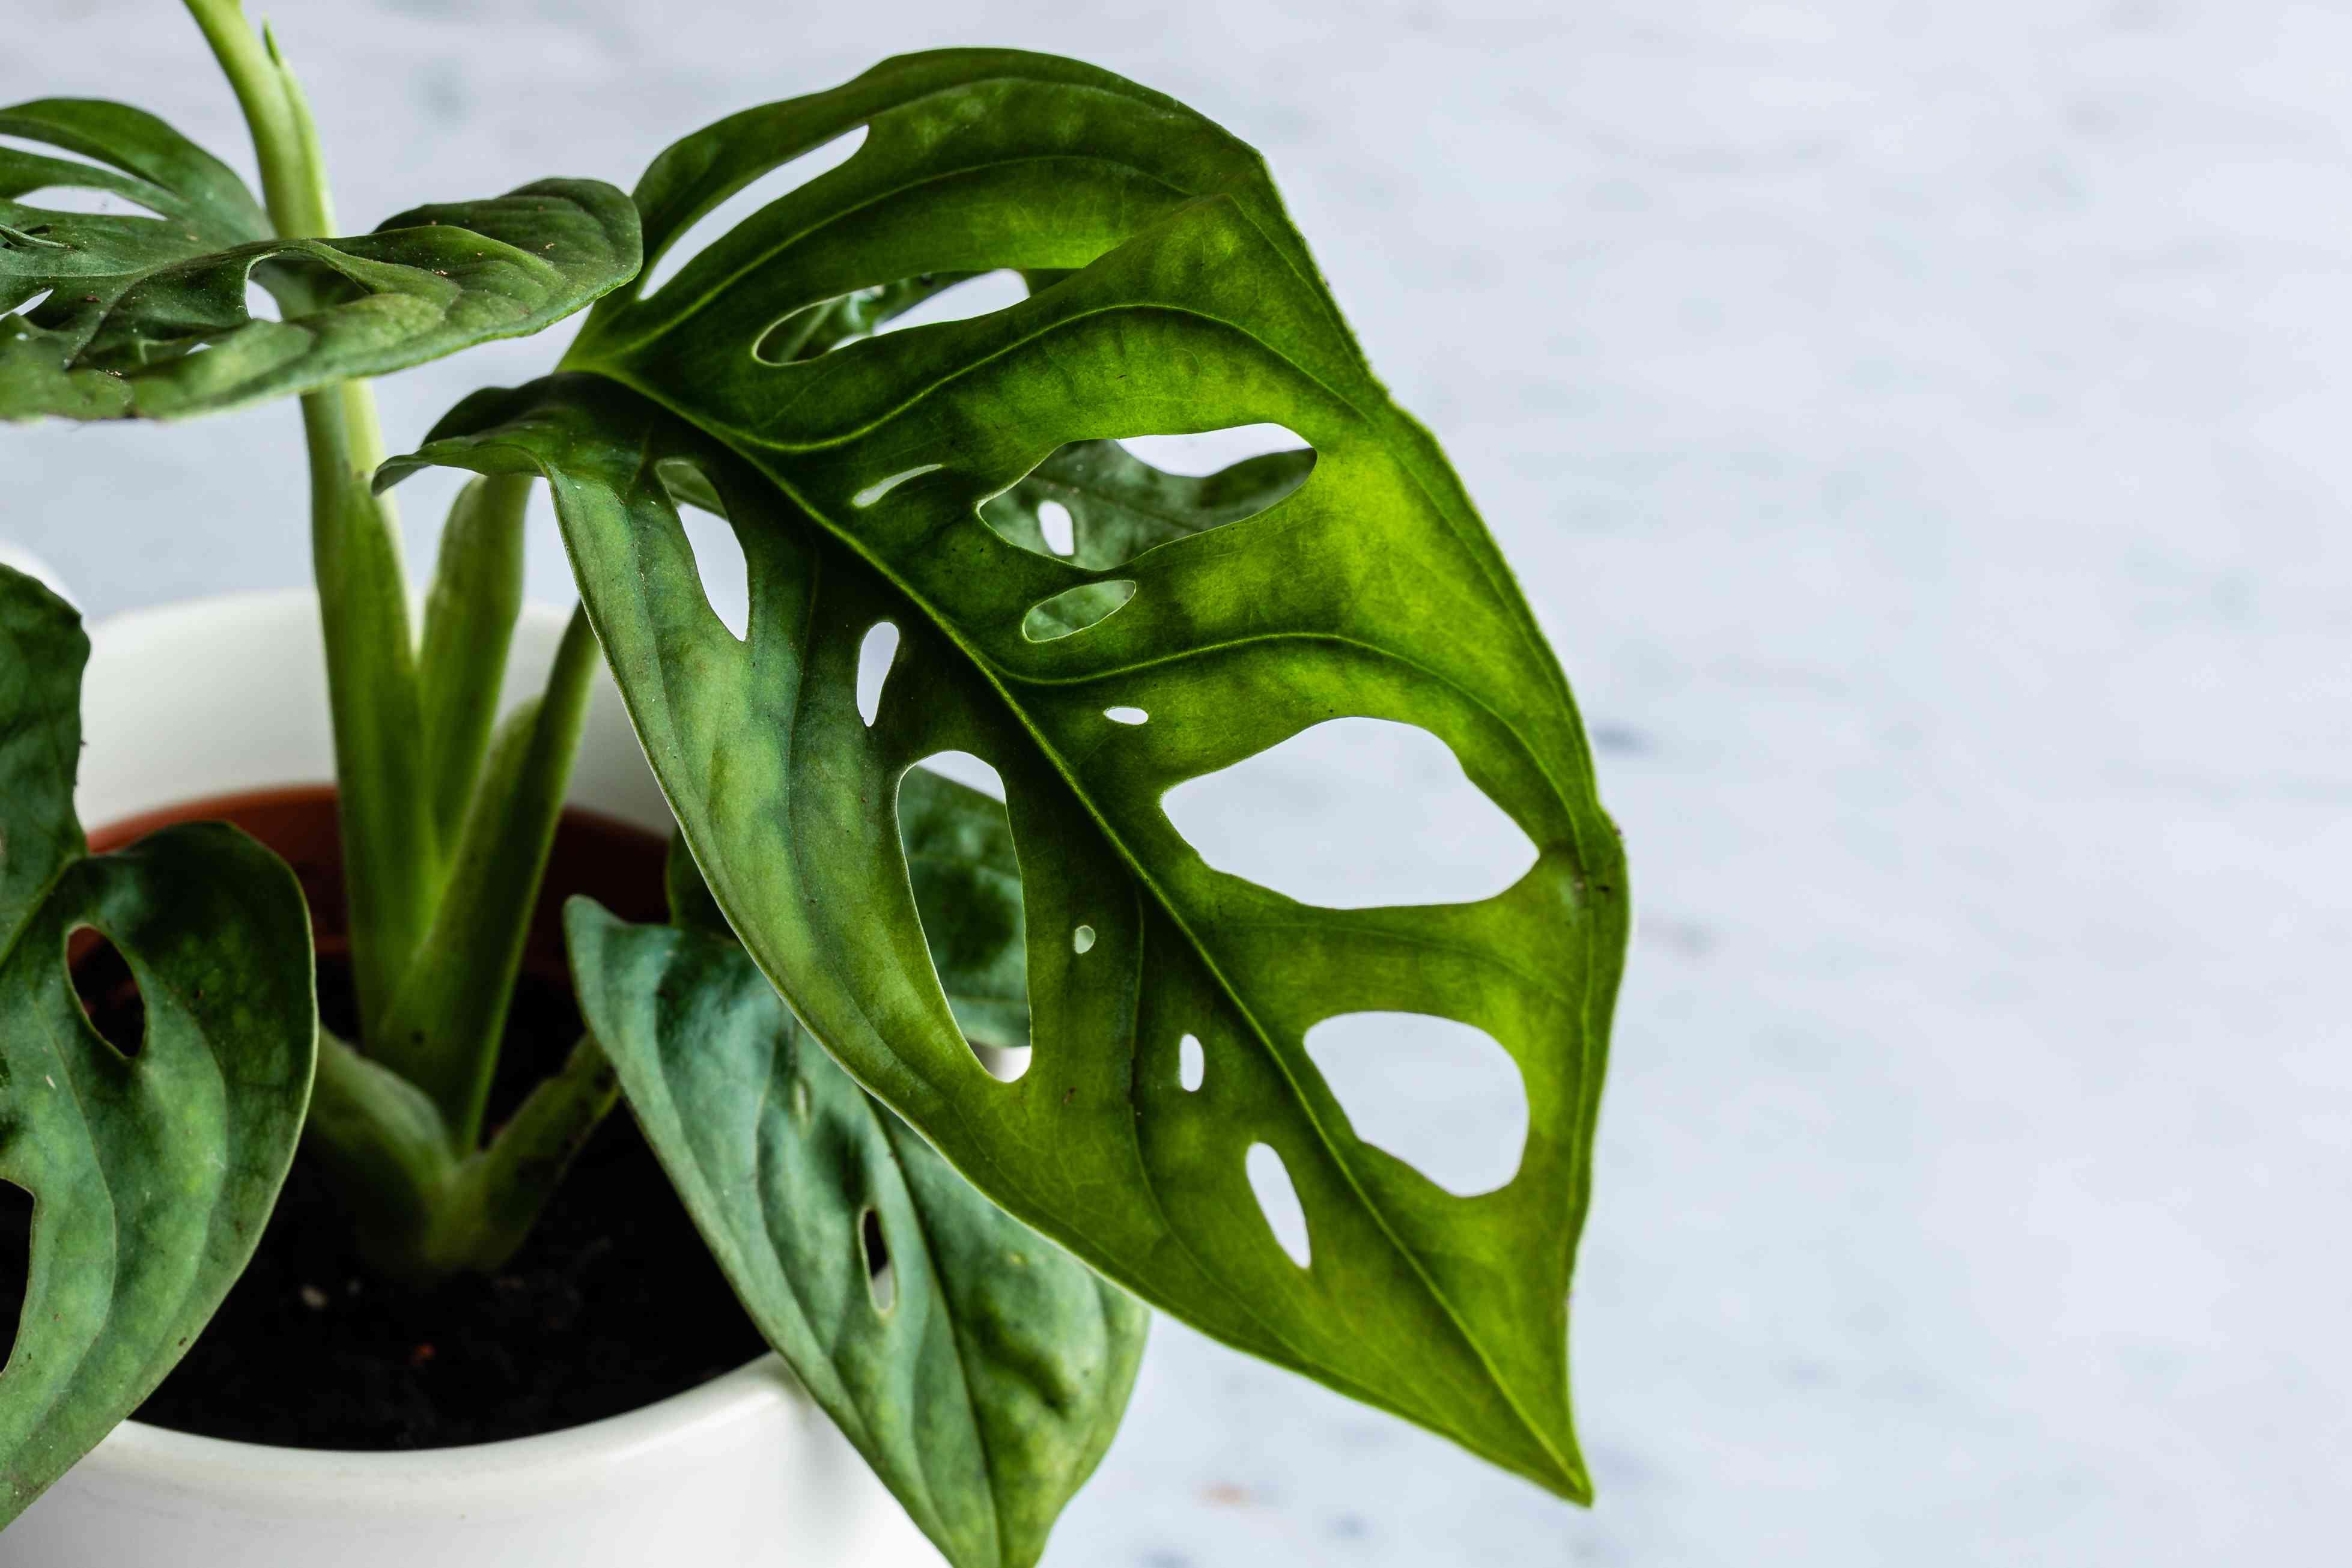 closeup of monstera adansonii leaves